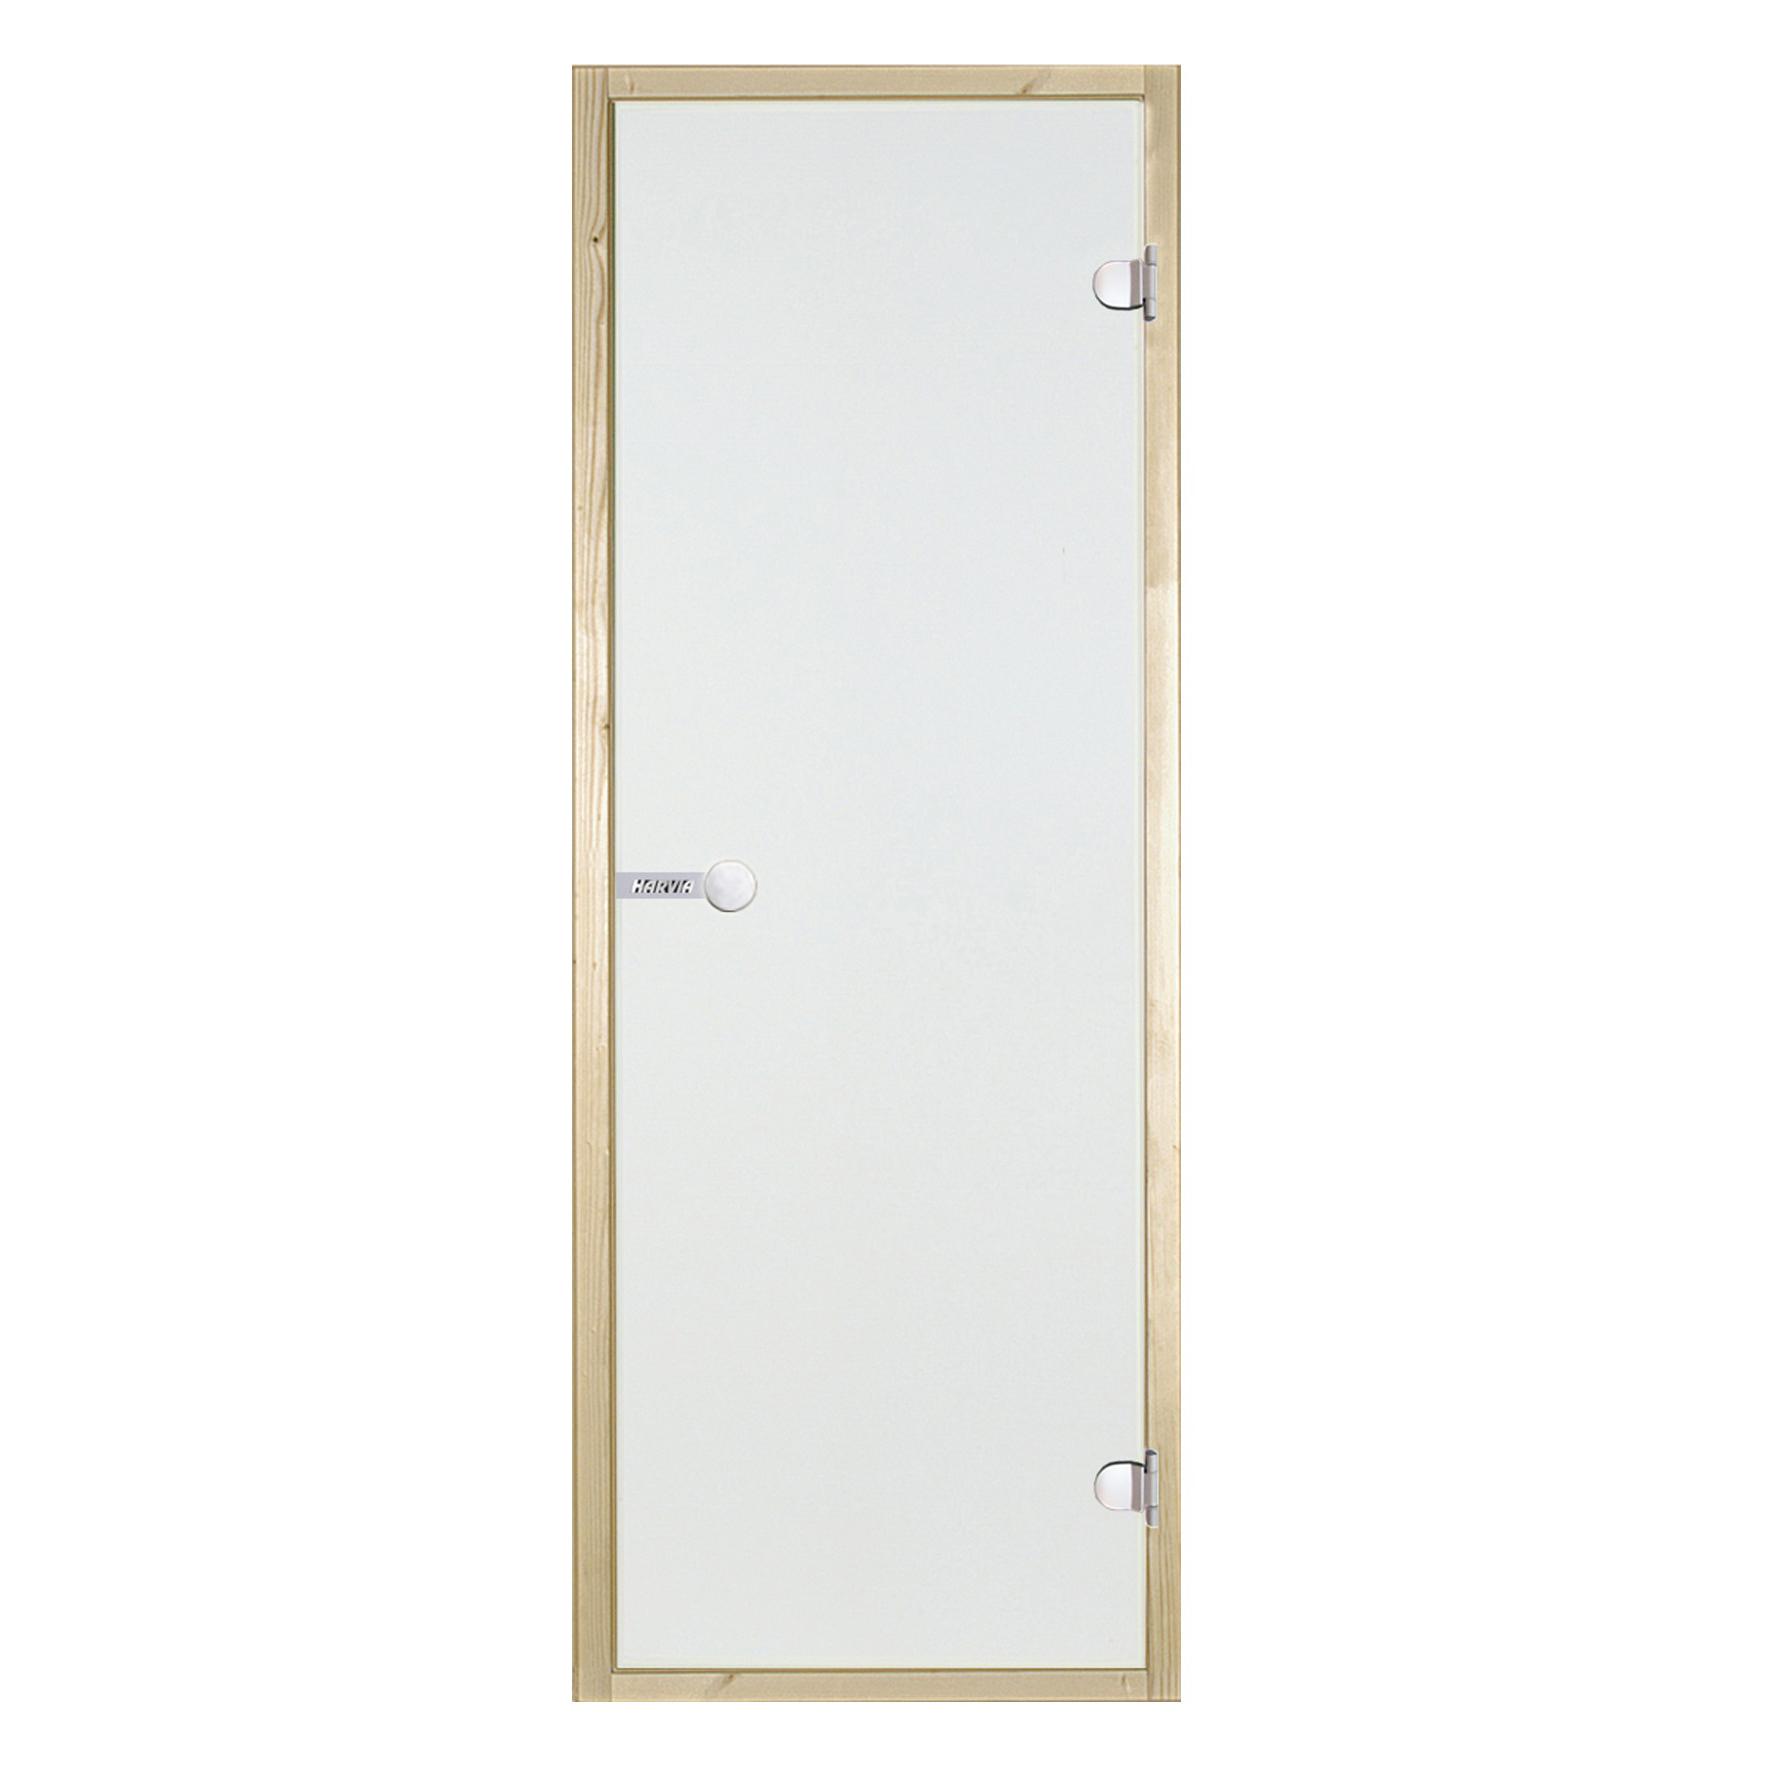 HARVIA Двери стеклянные 7/19 коробка осина, прозрачная D71904H